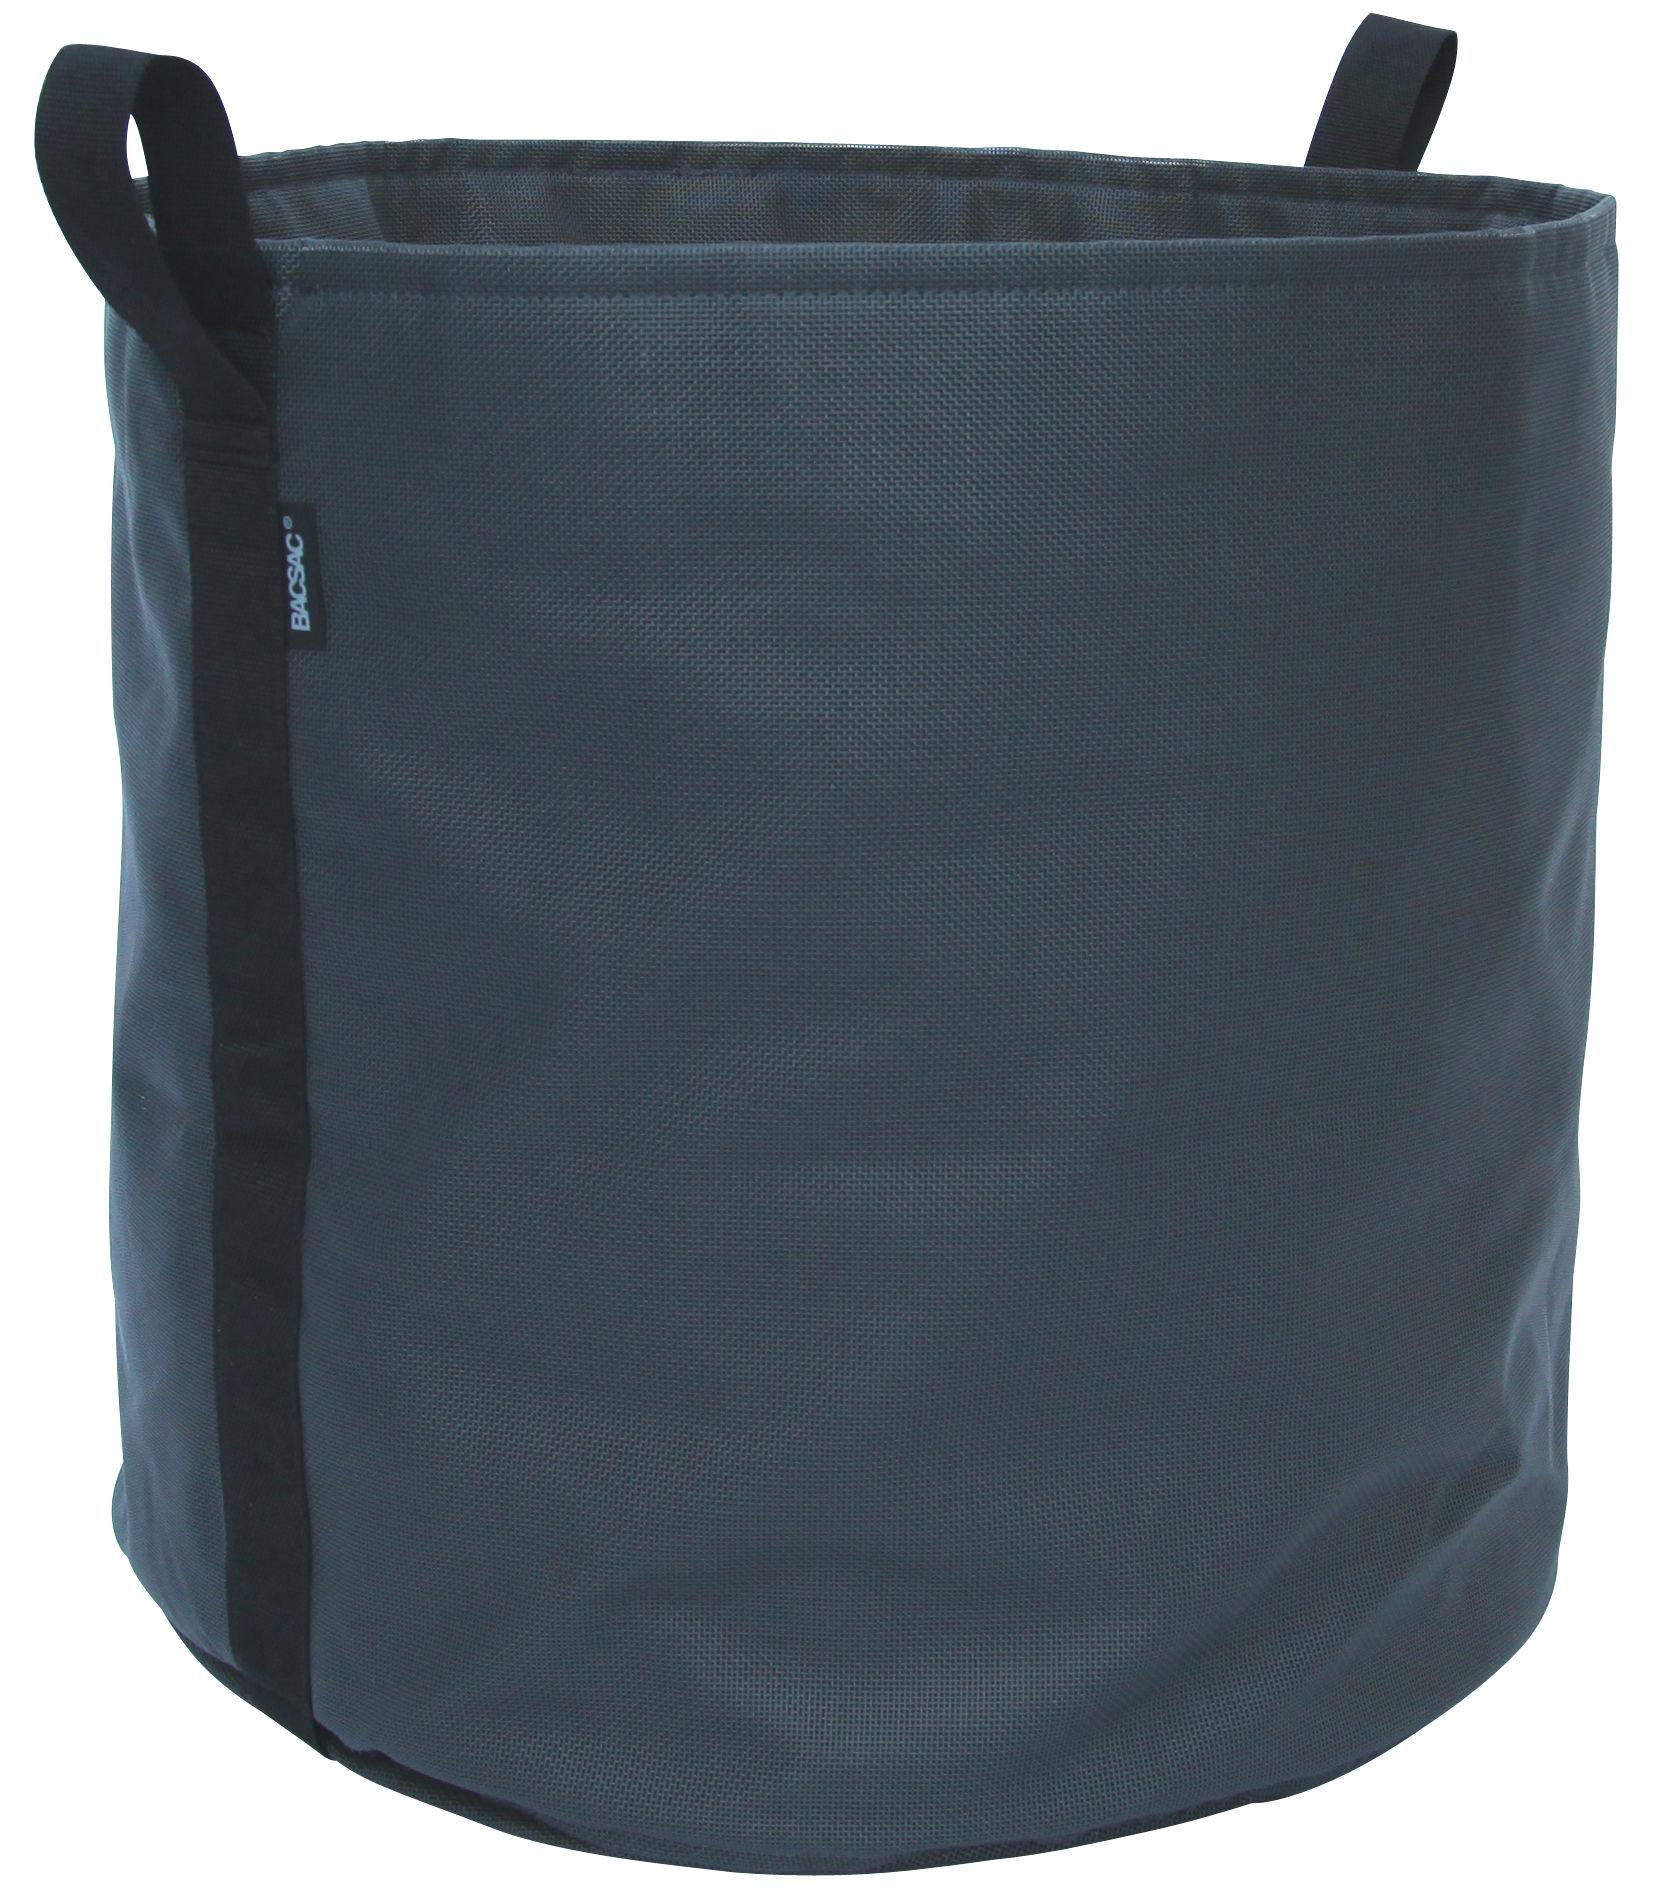 Outdoor - Vasi e Piante - Vaso per fiori Batyline® - / Outdoor - 100 L di Bacsac - Nero asfalto - Tela Batyline®